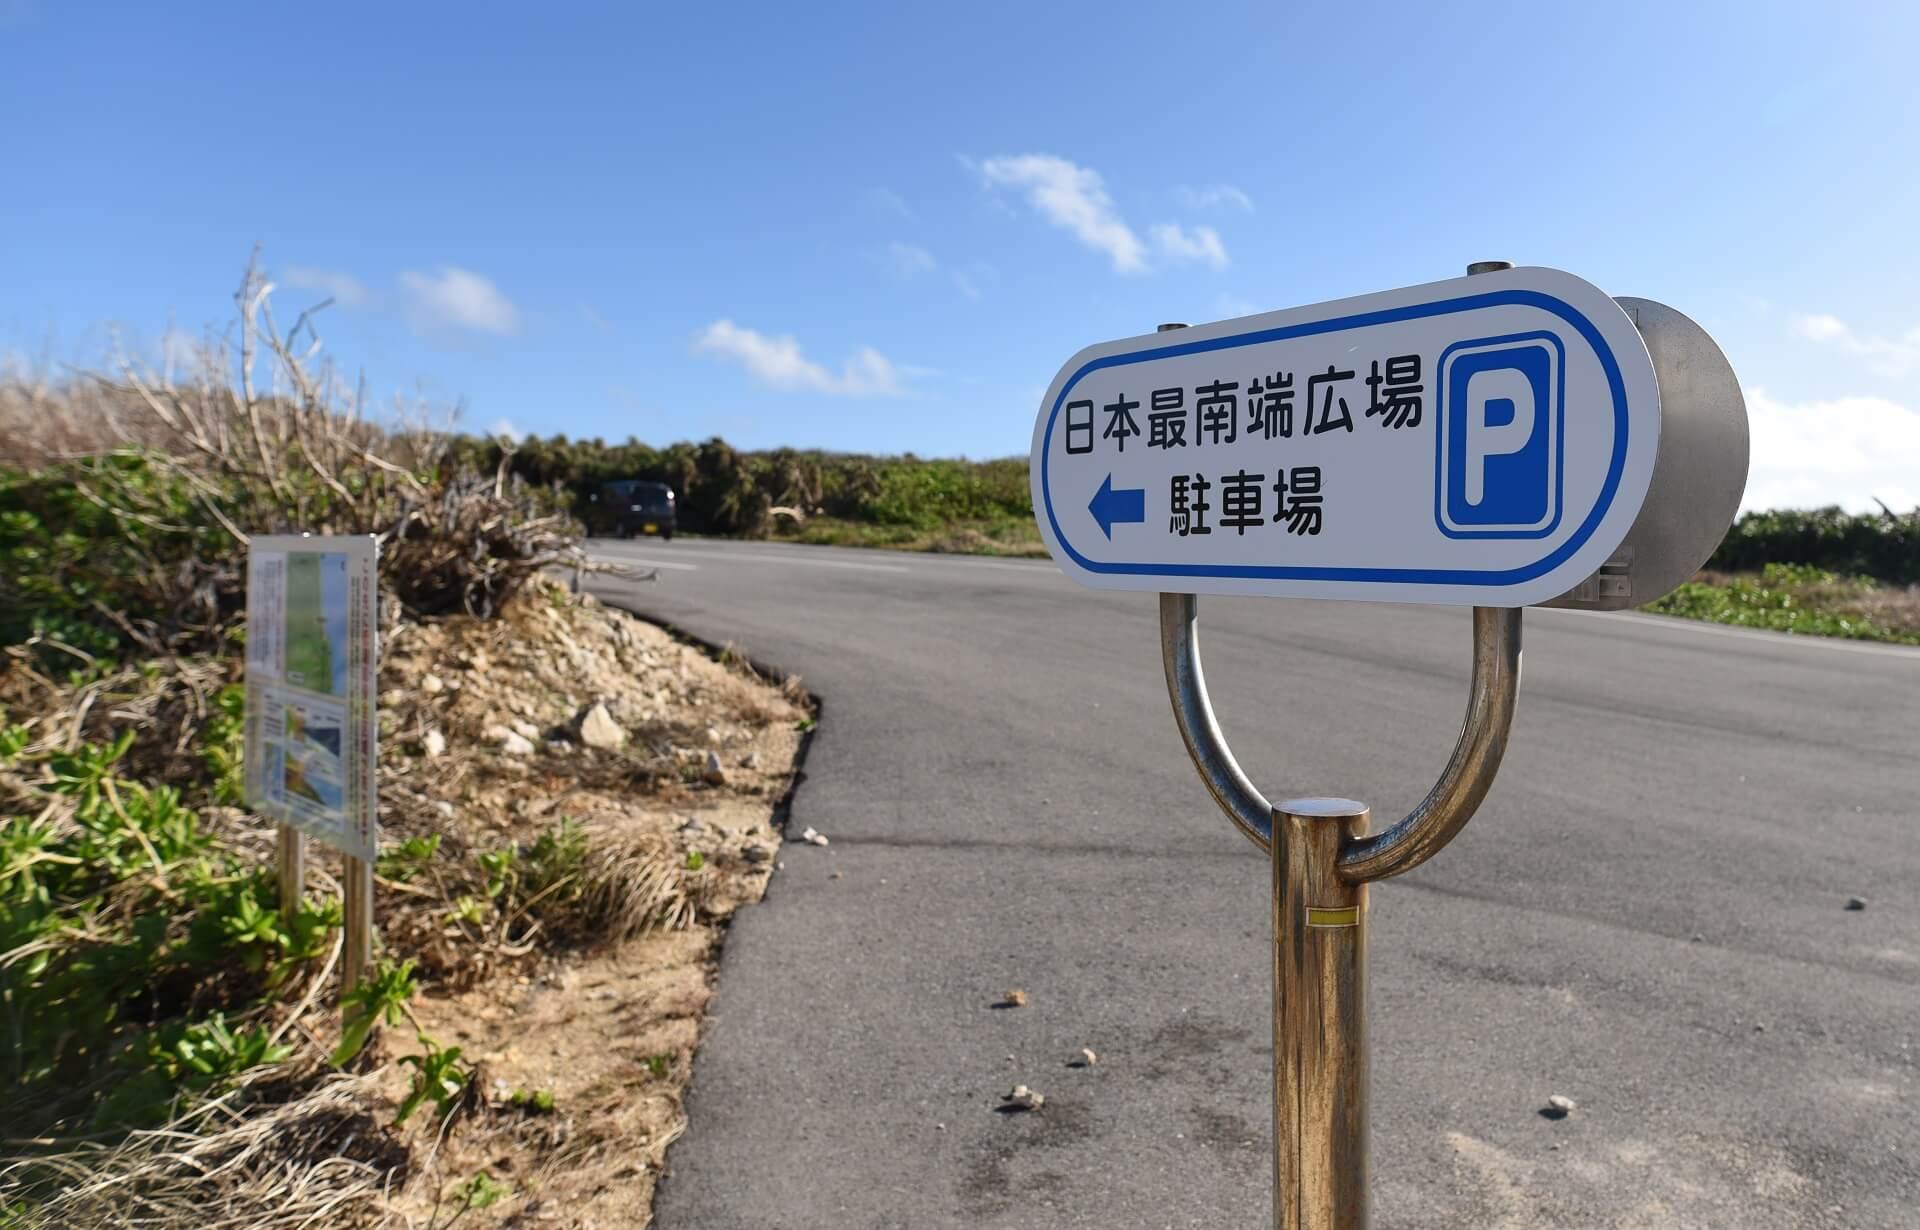 日本最南端広場駐車場の写真画像